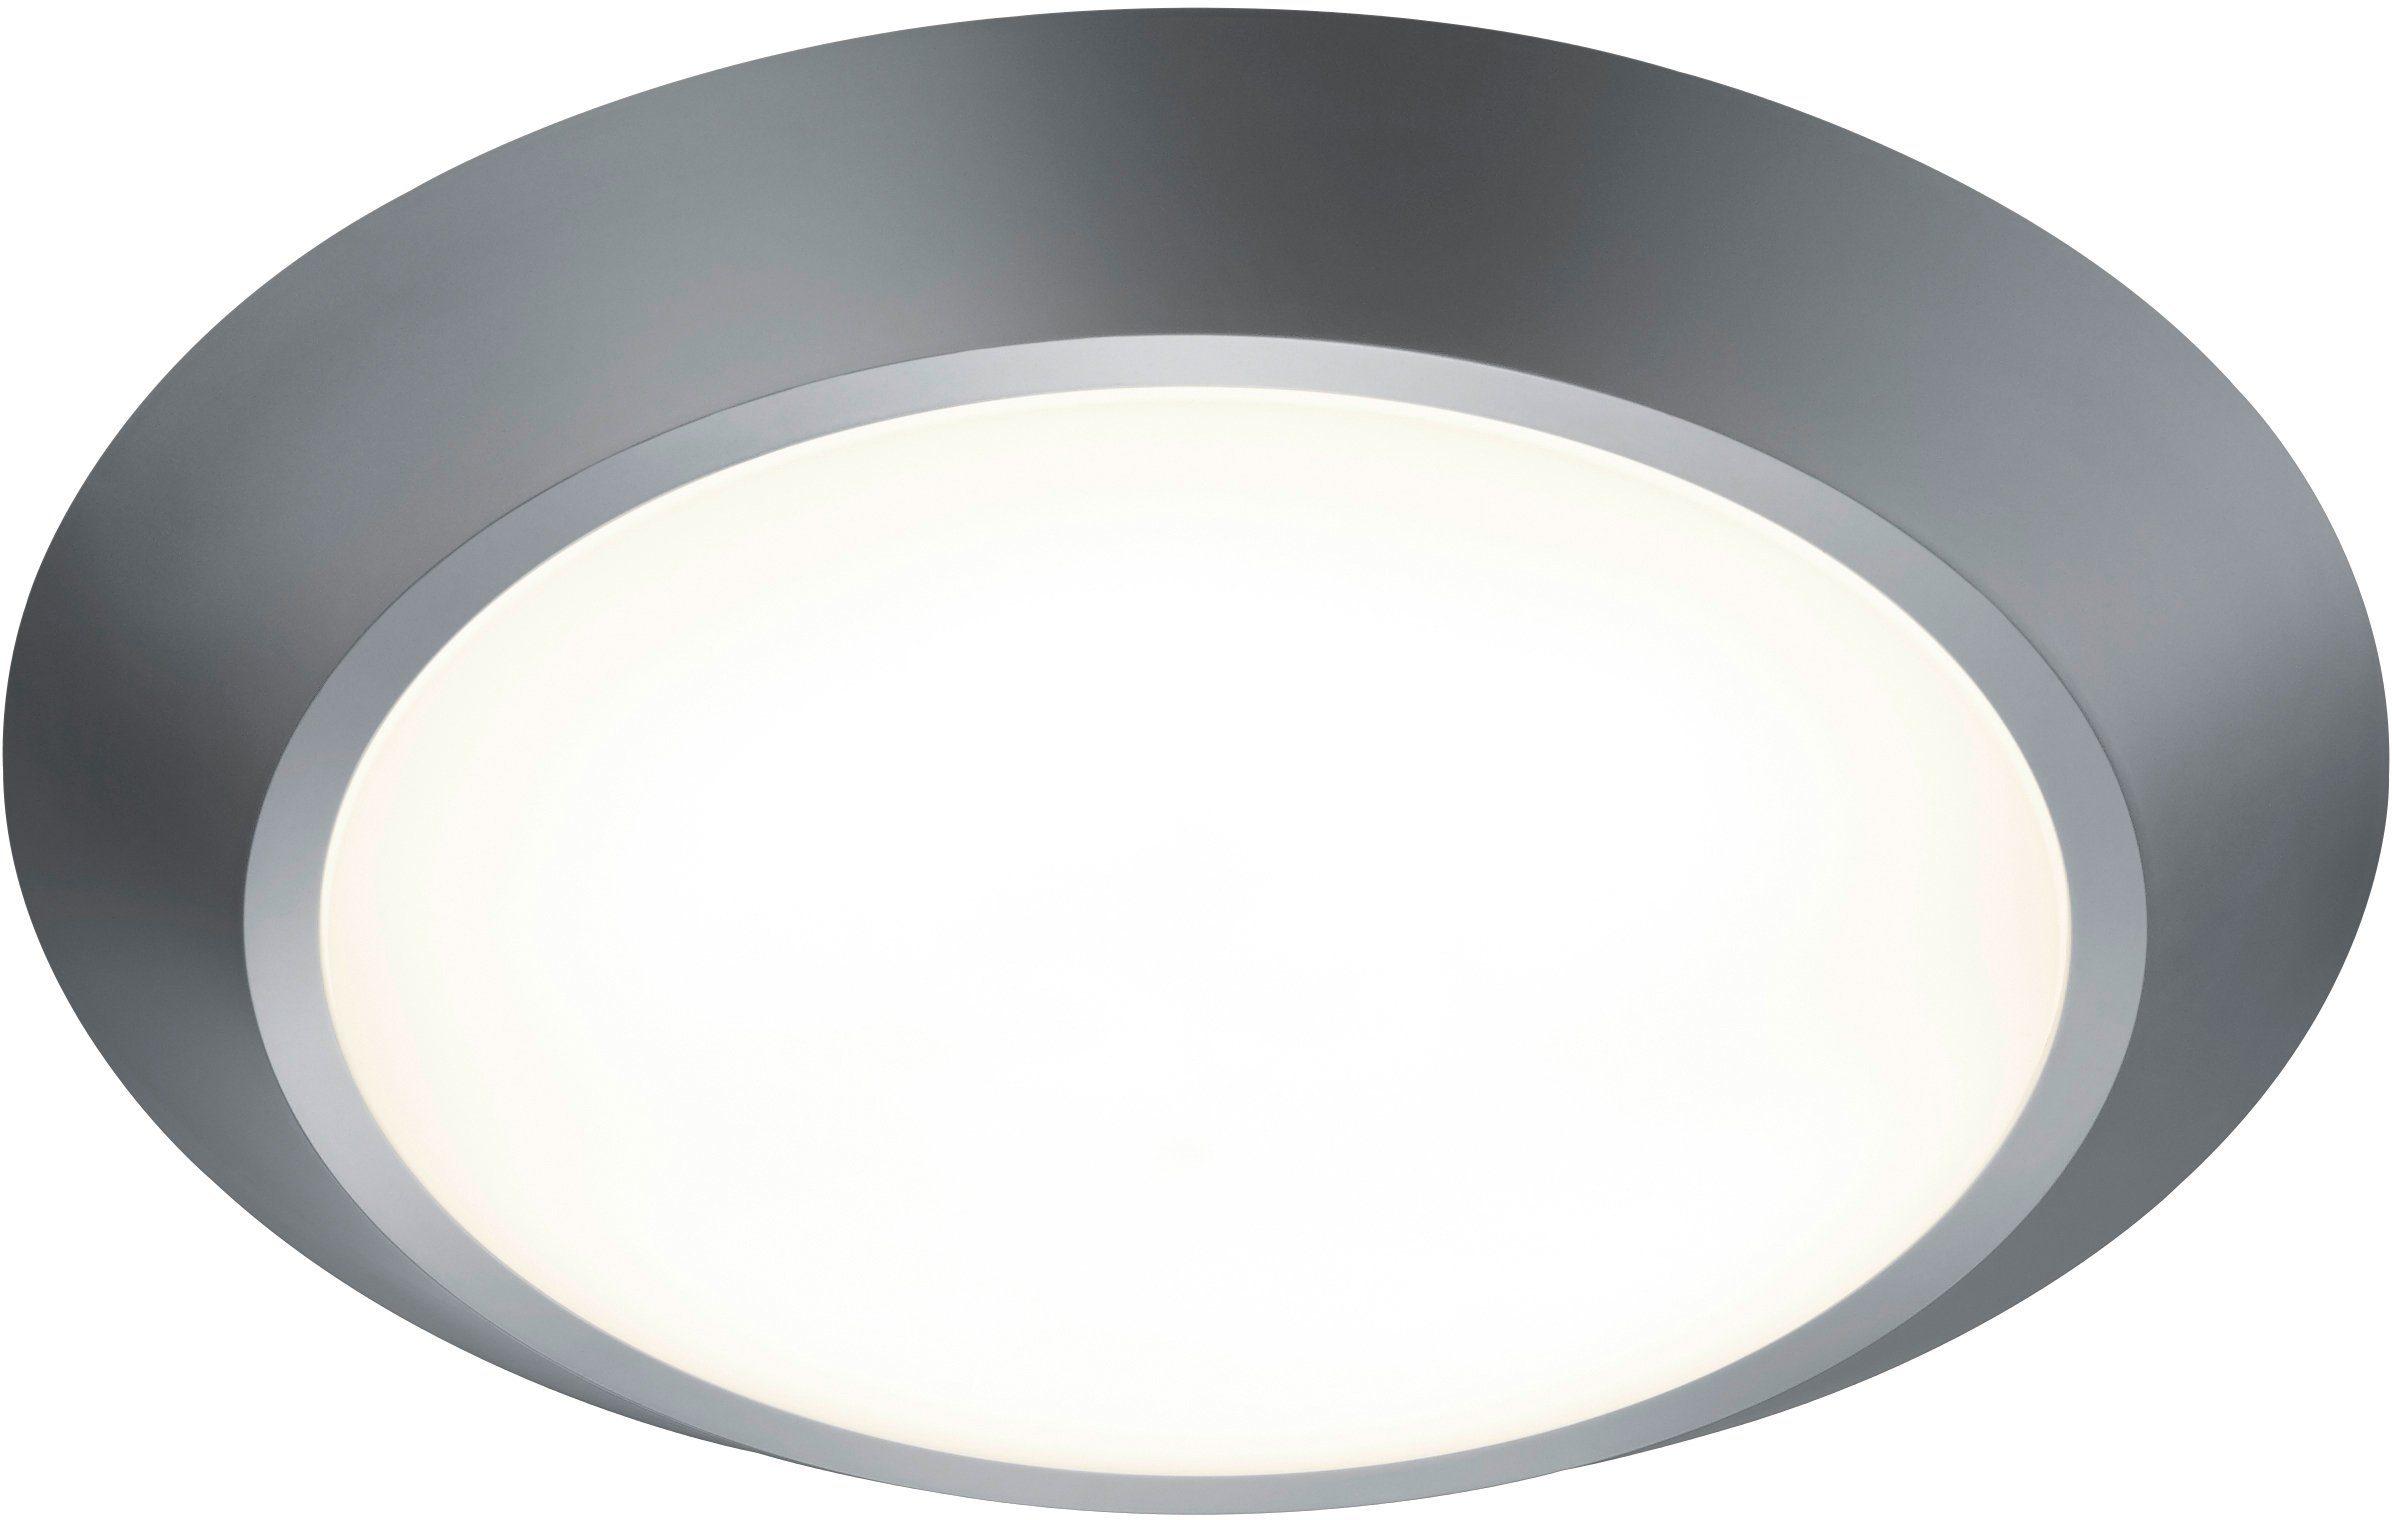 TRIO Leuchten LED Deckenleuchte, »ASTRA«